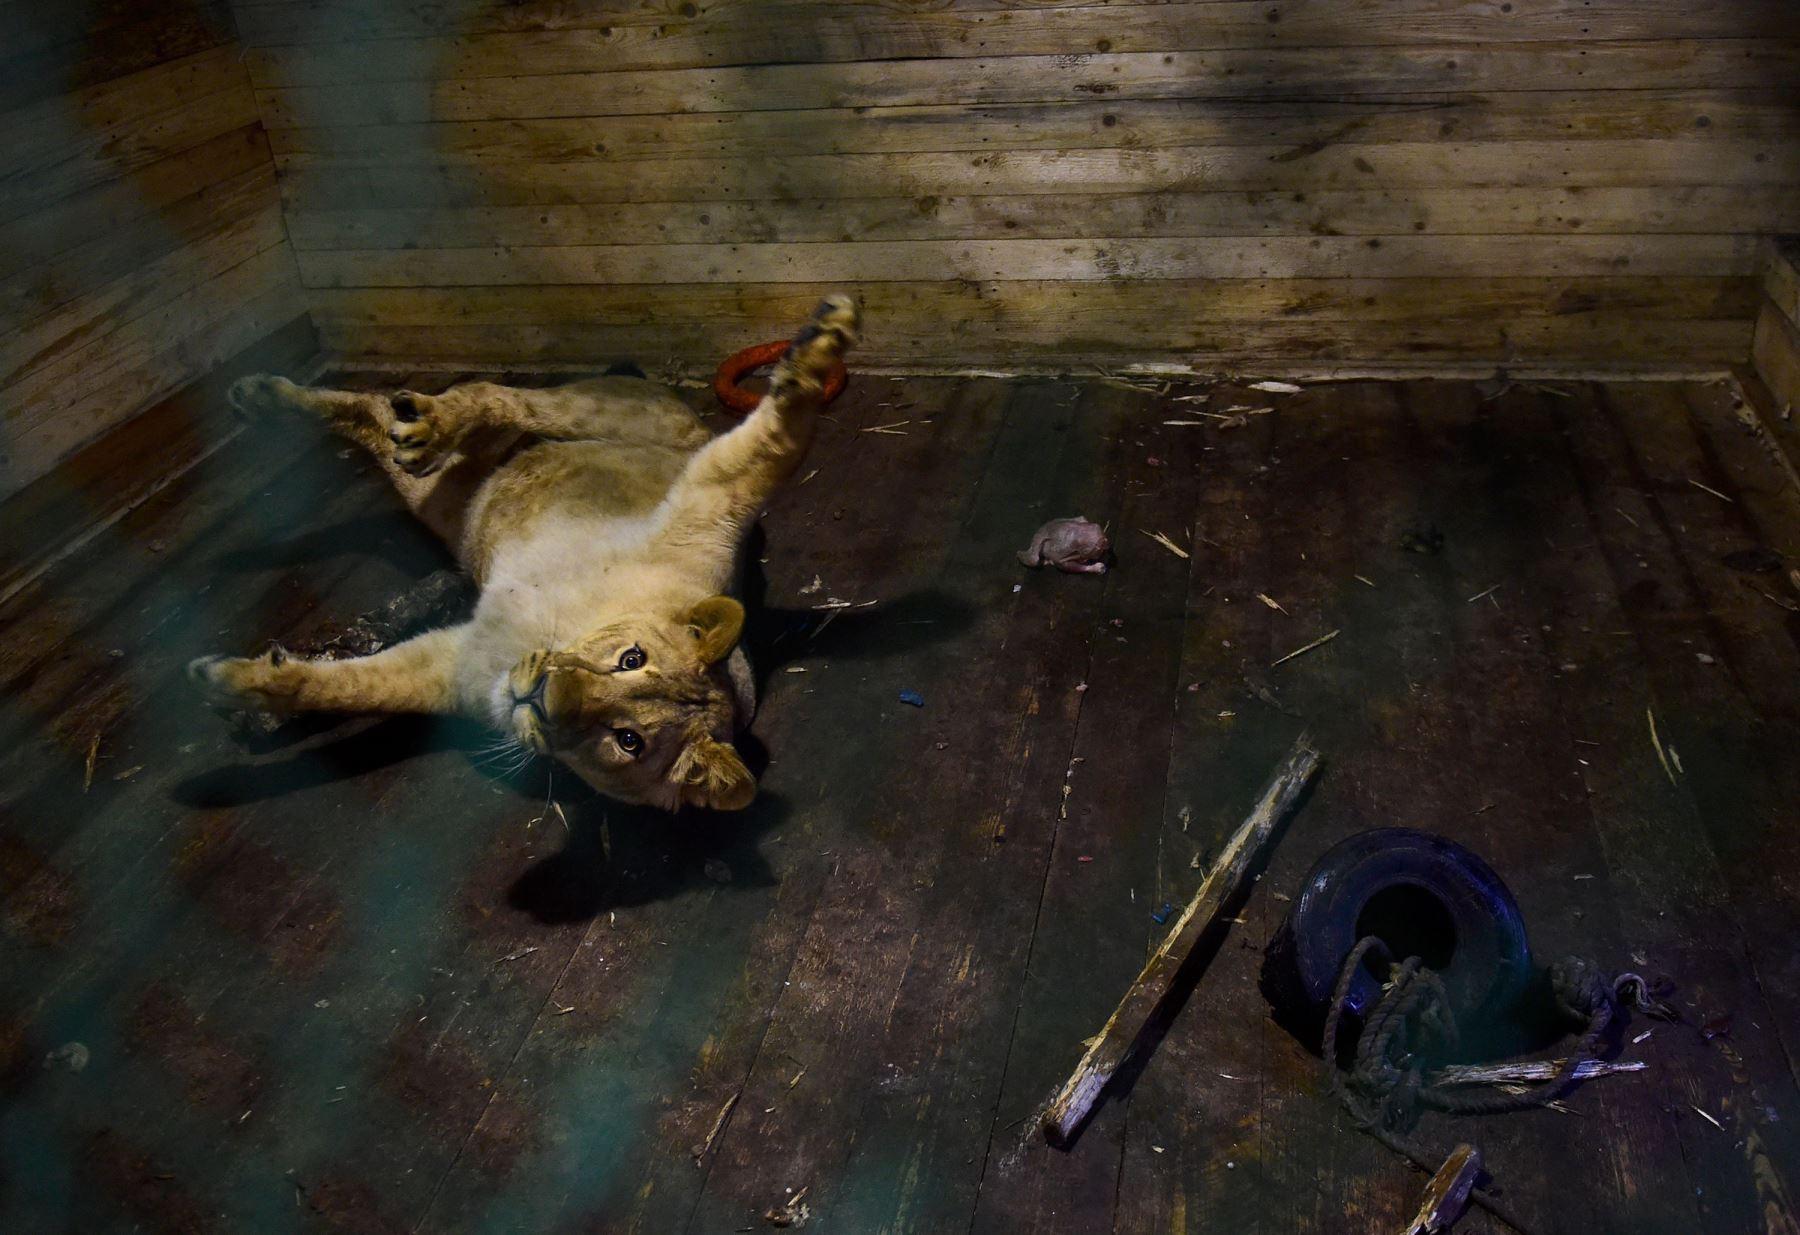 Un león hace gestos en su jaula en Veles, un refugio para animales salvajes en el pueblo de Rappolovo, en las afueras de San Petersburgo Foto: AFP